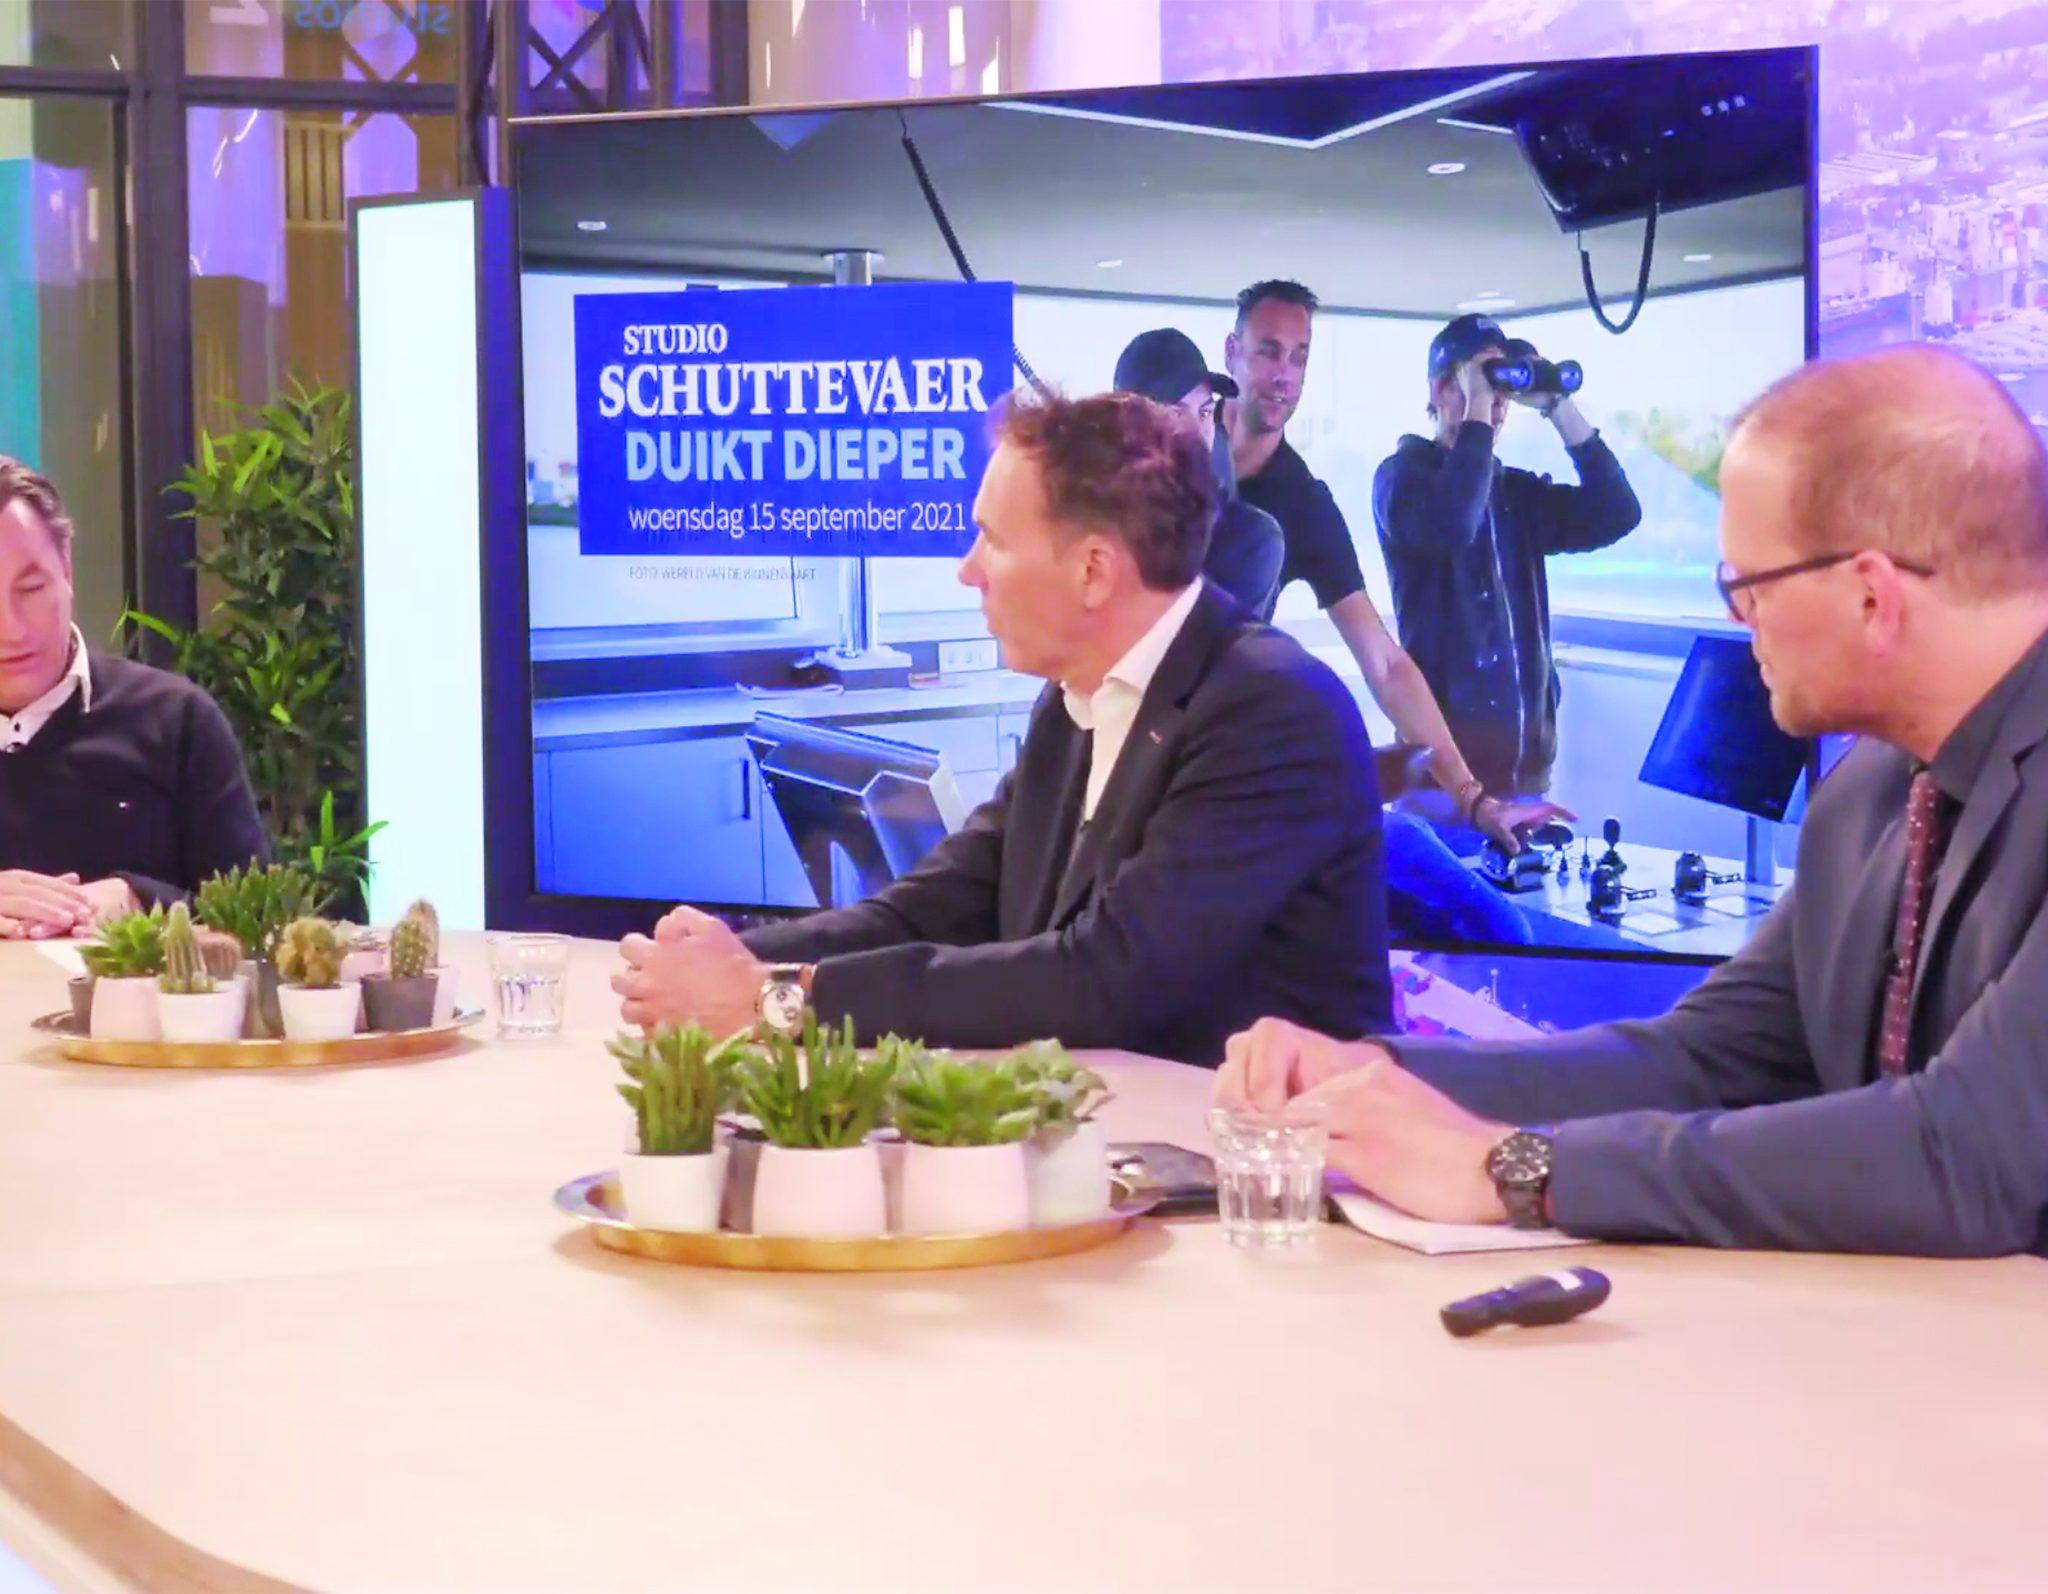 Edwin Verberght (rechts) en Tonny van Strien (midden) aan tafel bij Studio Schuttevaer Duikt Dieper. (Beeld uit uitzending)